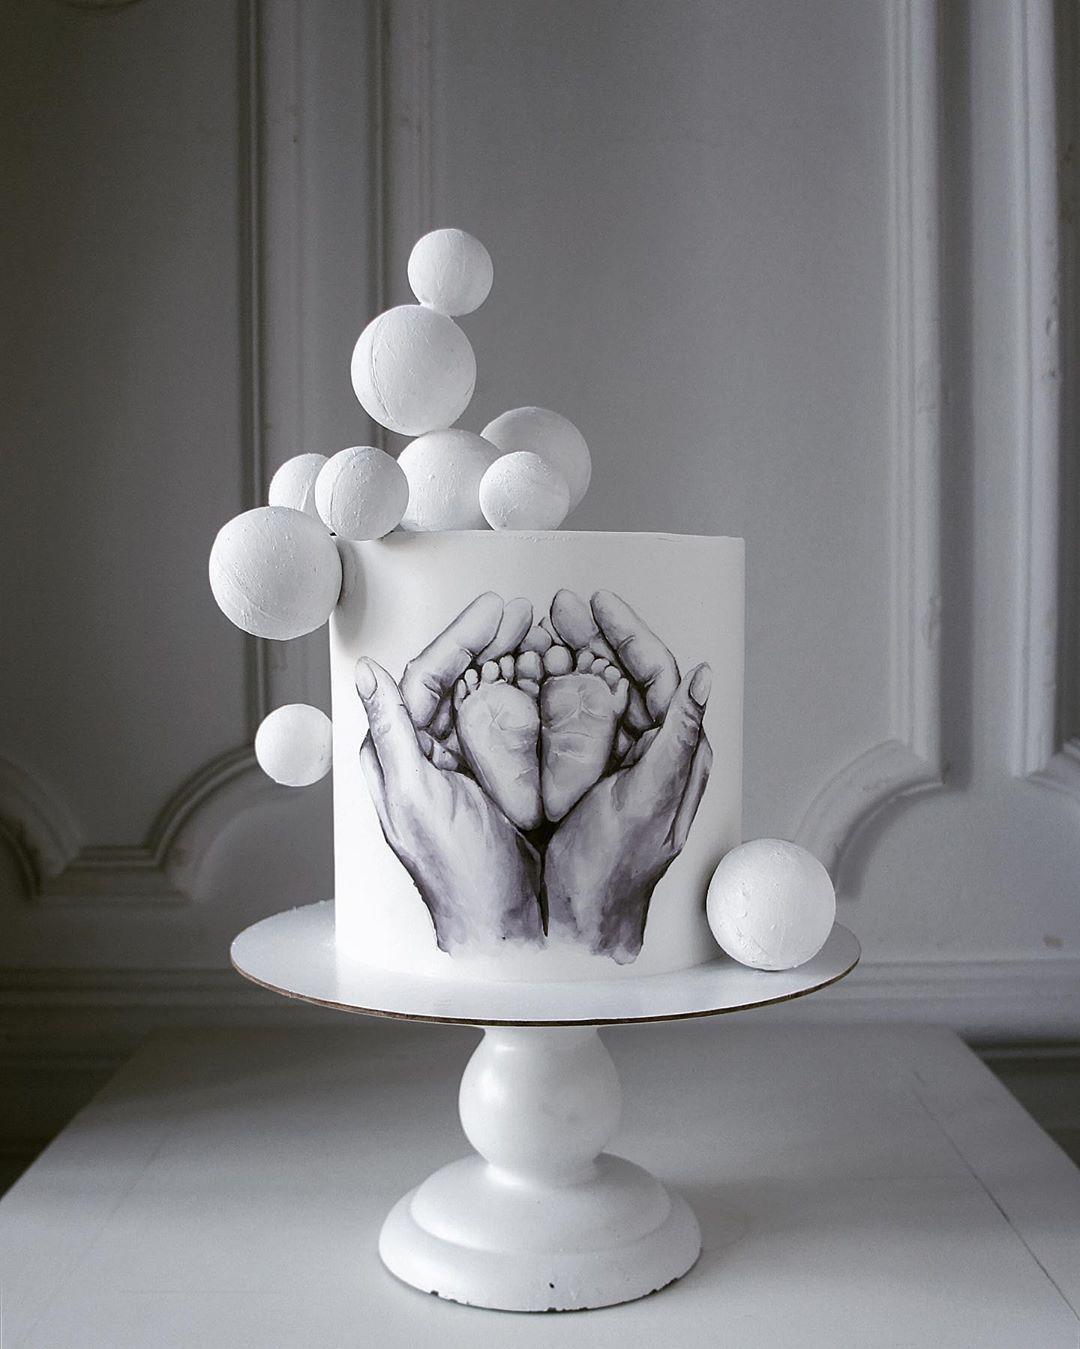 Нет описания фото. | Художественные торты, Торт, Пряник